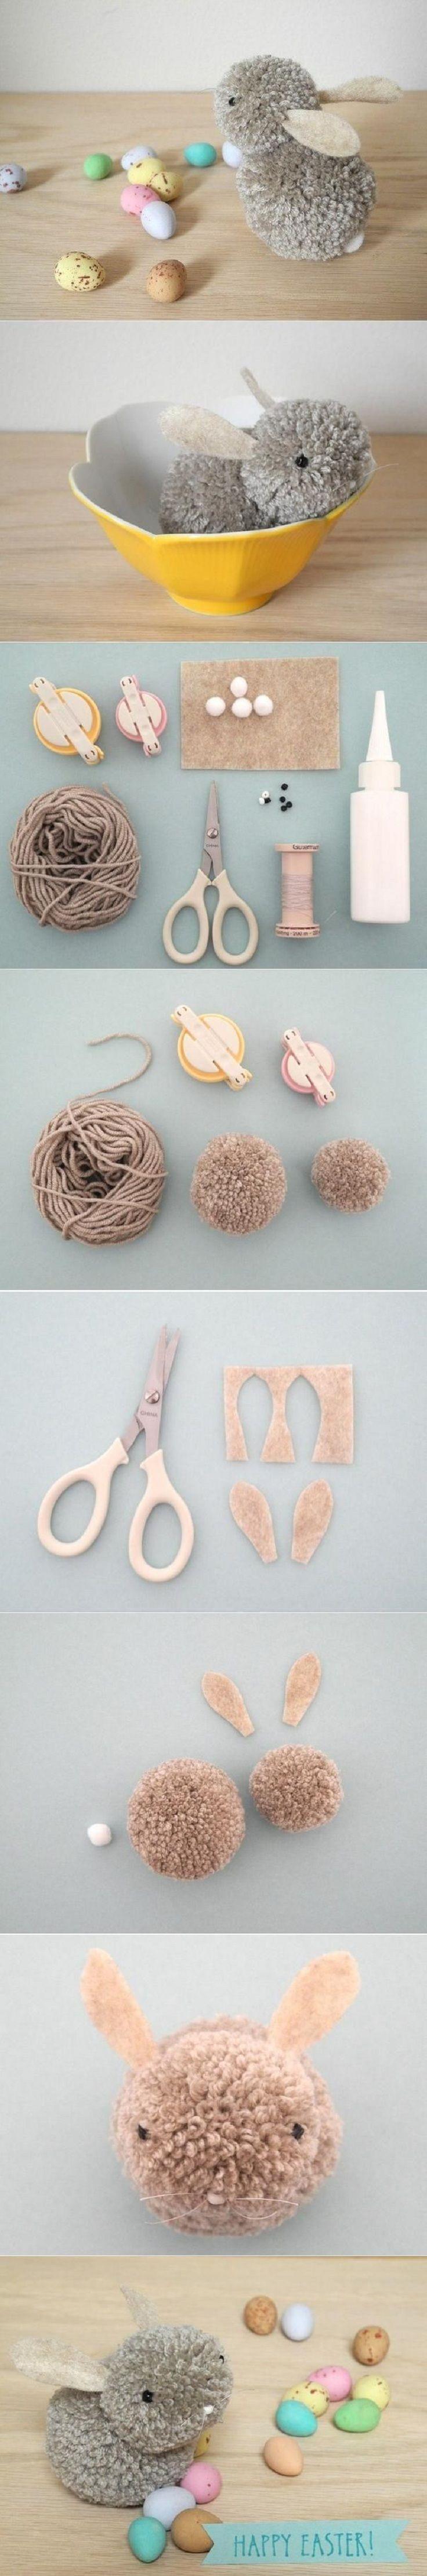 DIY Pom Pom Bunny | #ostern #osterhase #easter #diy #ideen #idee #inspiration #homemade #osterbrunch #deko #osterdeko #osterdekoration #ostereier #oster #bastelideen #basteln #backen #ostertisch